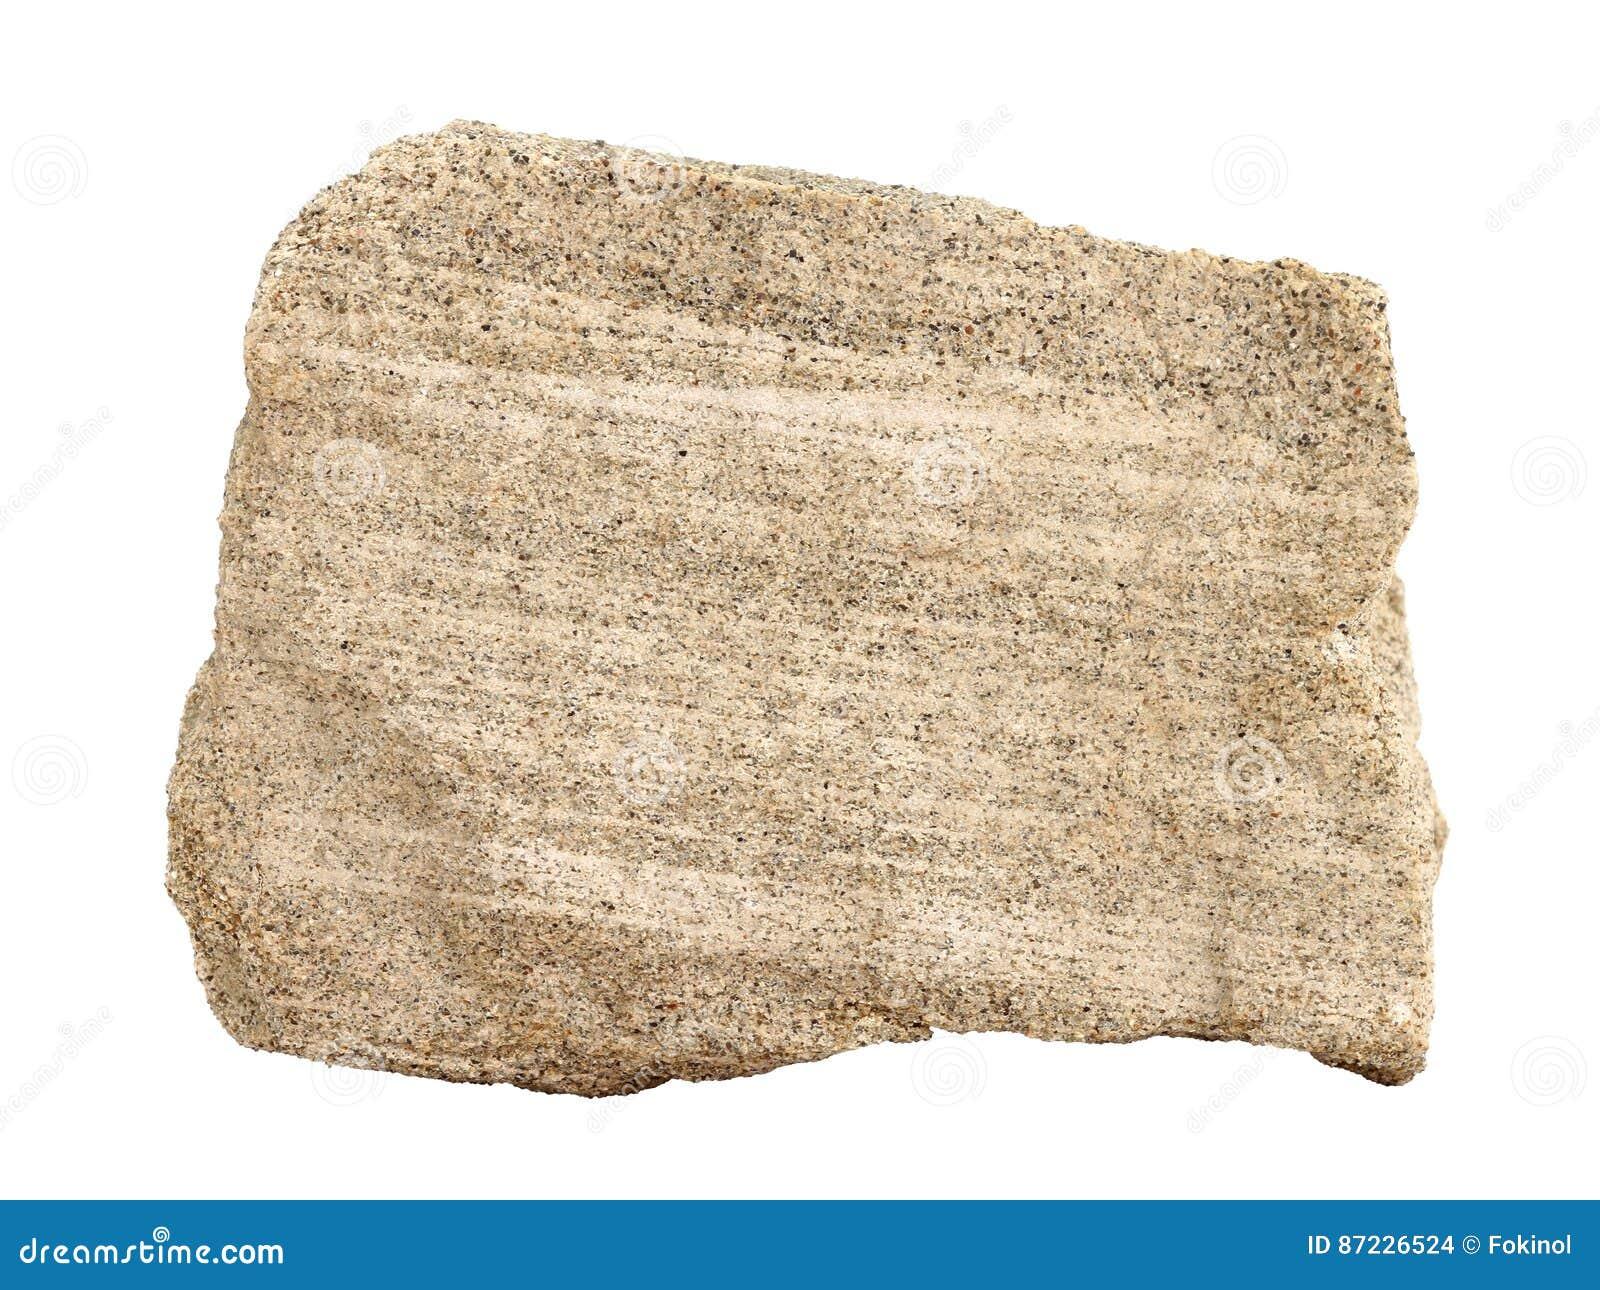 Muestra natural de piedra caliza arenosa acodada una - Piedra caliza precio ...